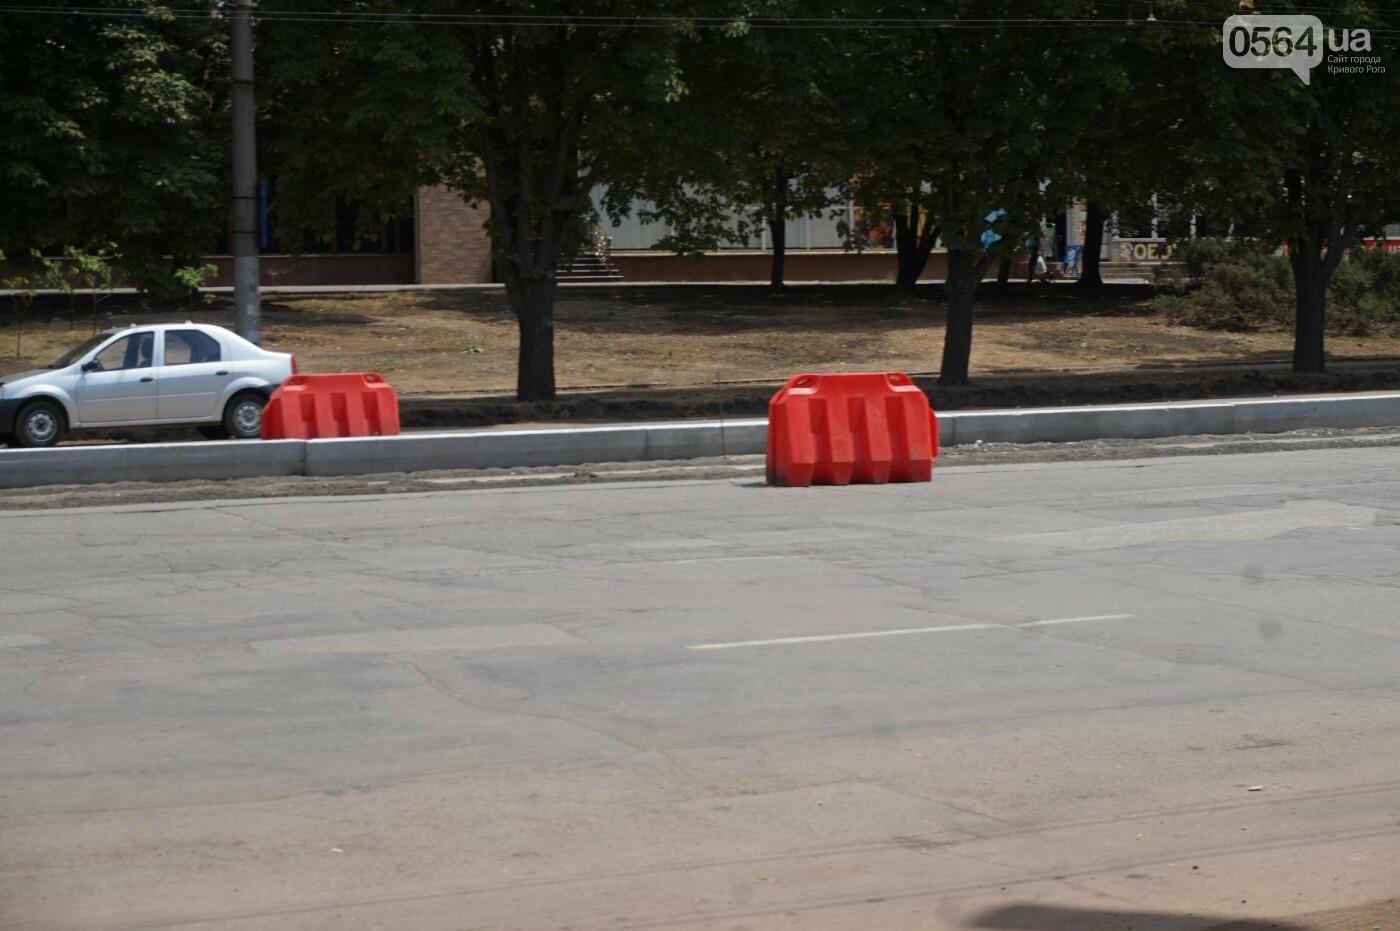 С сегодняшнего дня на центральном проспекте Кривого Рога отменены 3 остановки и запрещена парковка, - ФОТО, фото-13